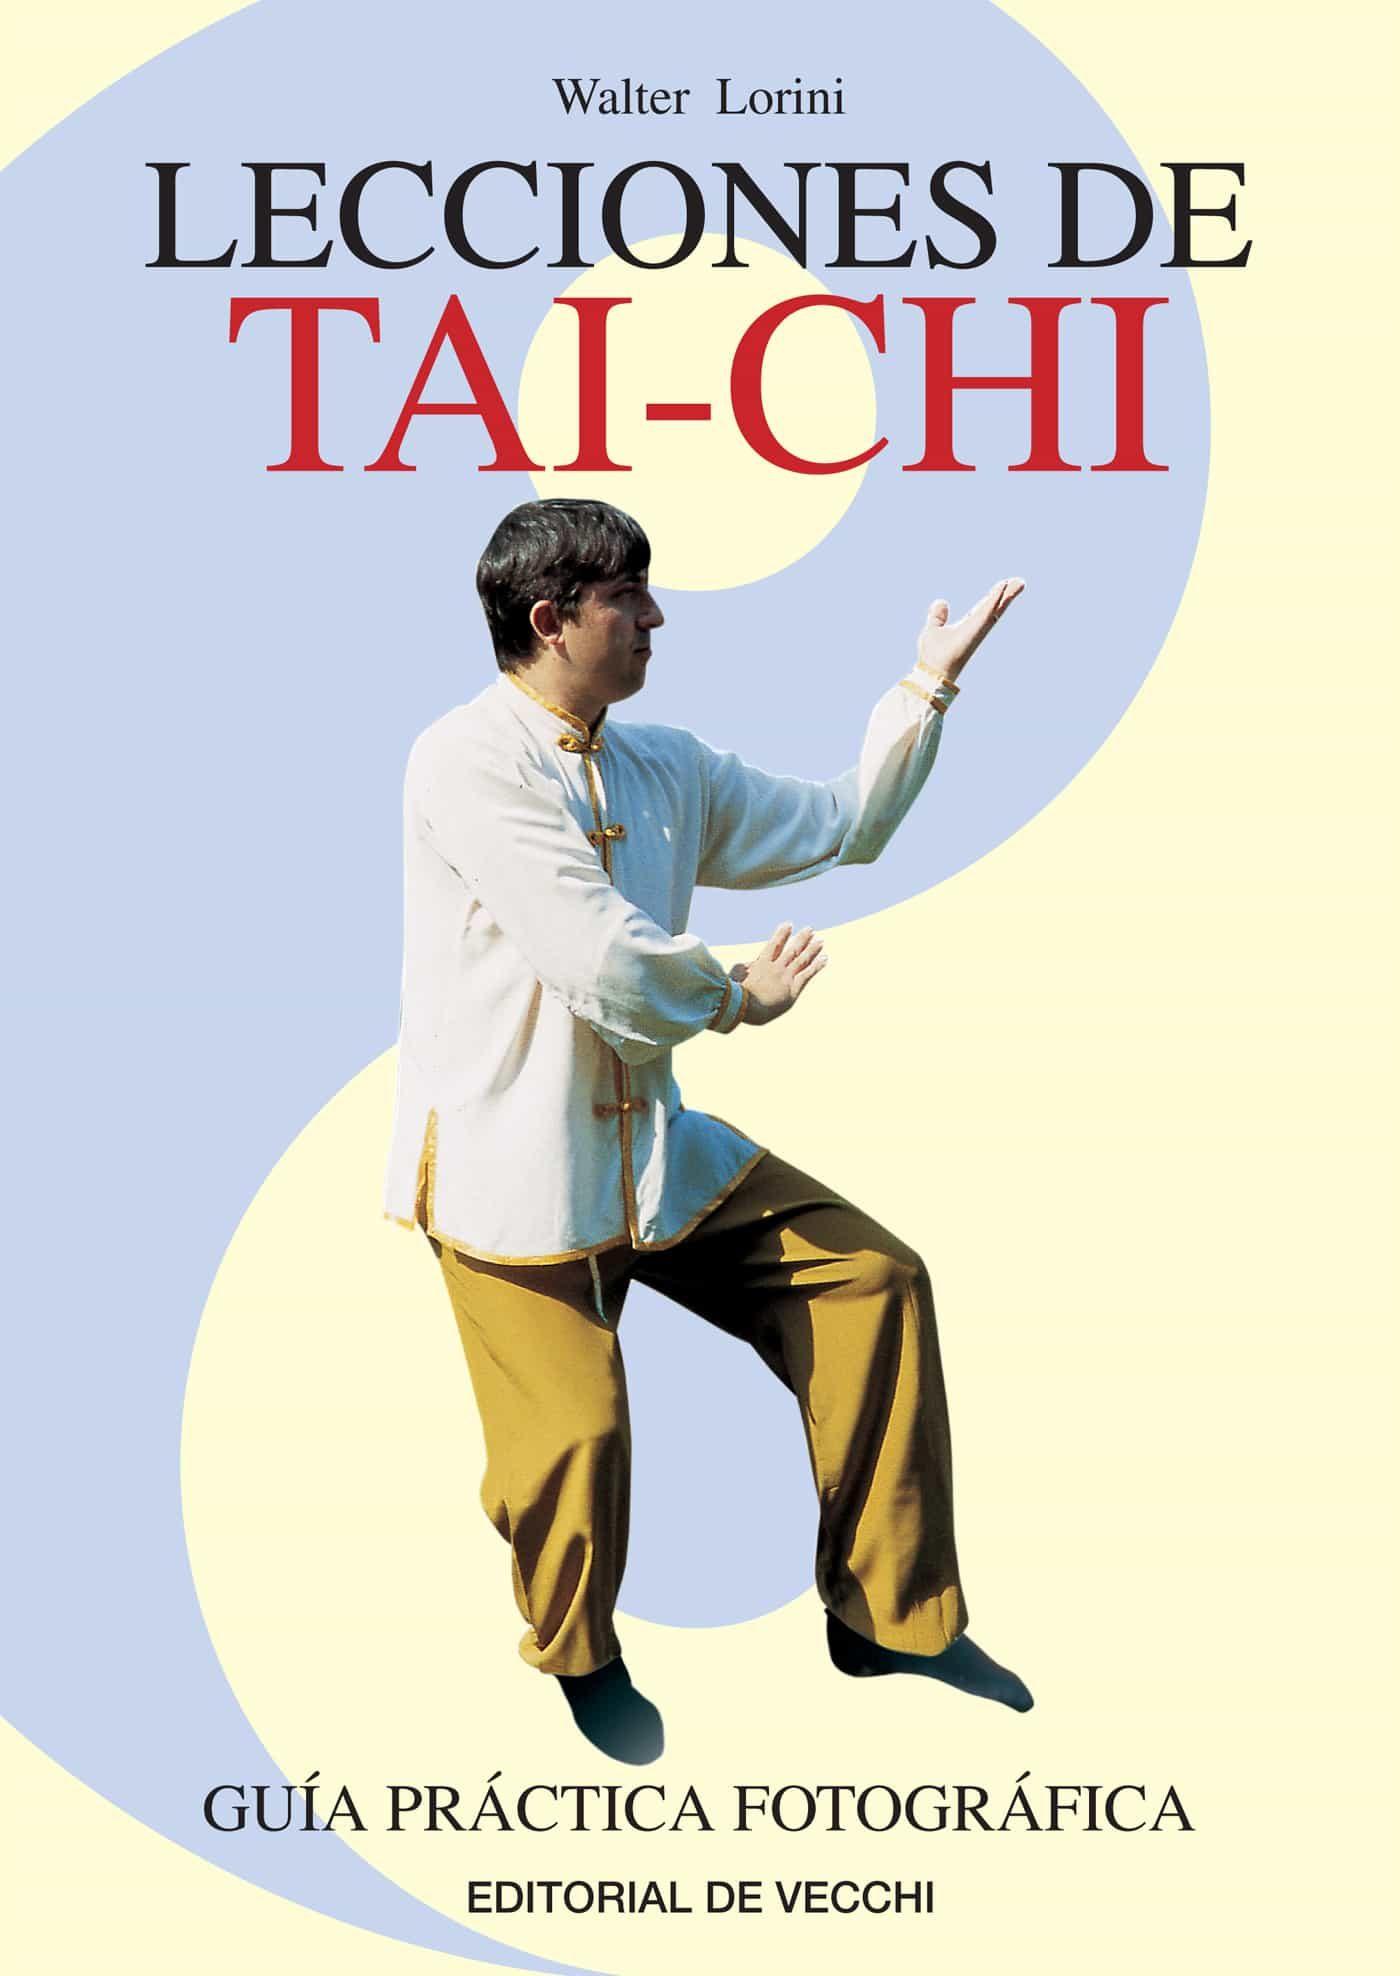 LECCIONES DE TAI-CHI EBOOK | ALBERTO TURCI | Descargar libro PDF o ...